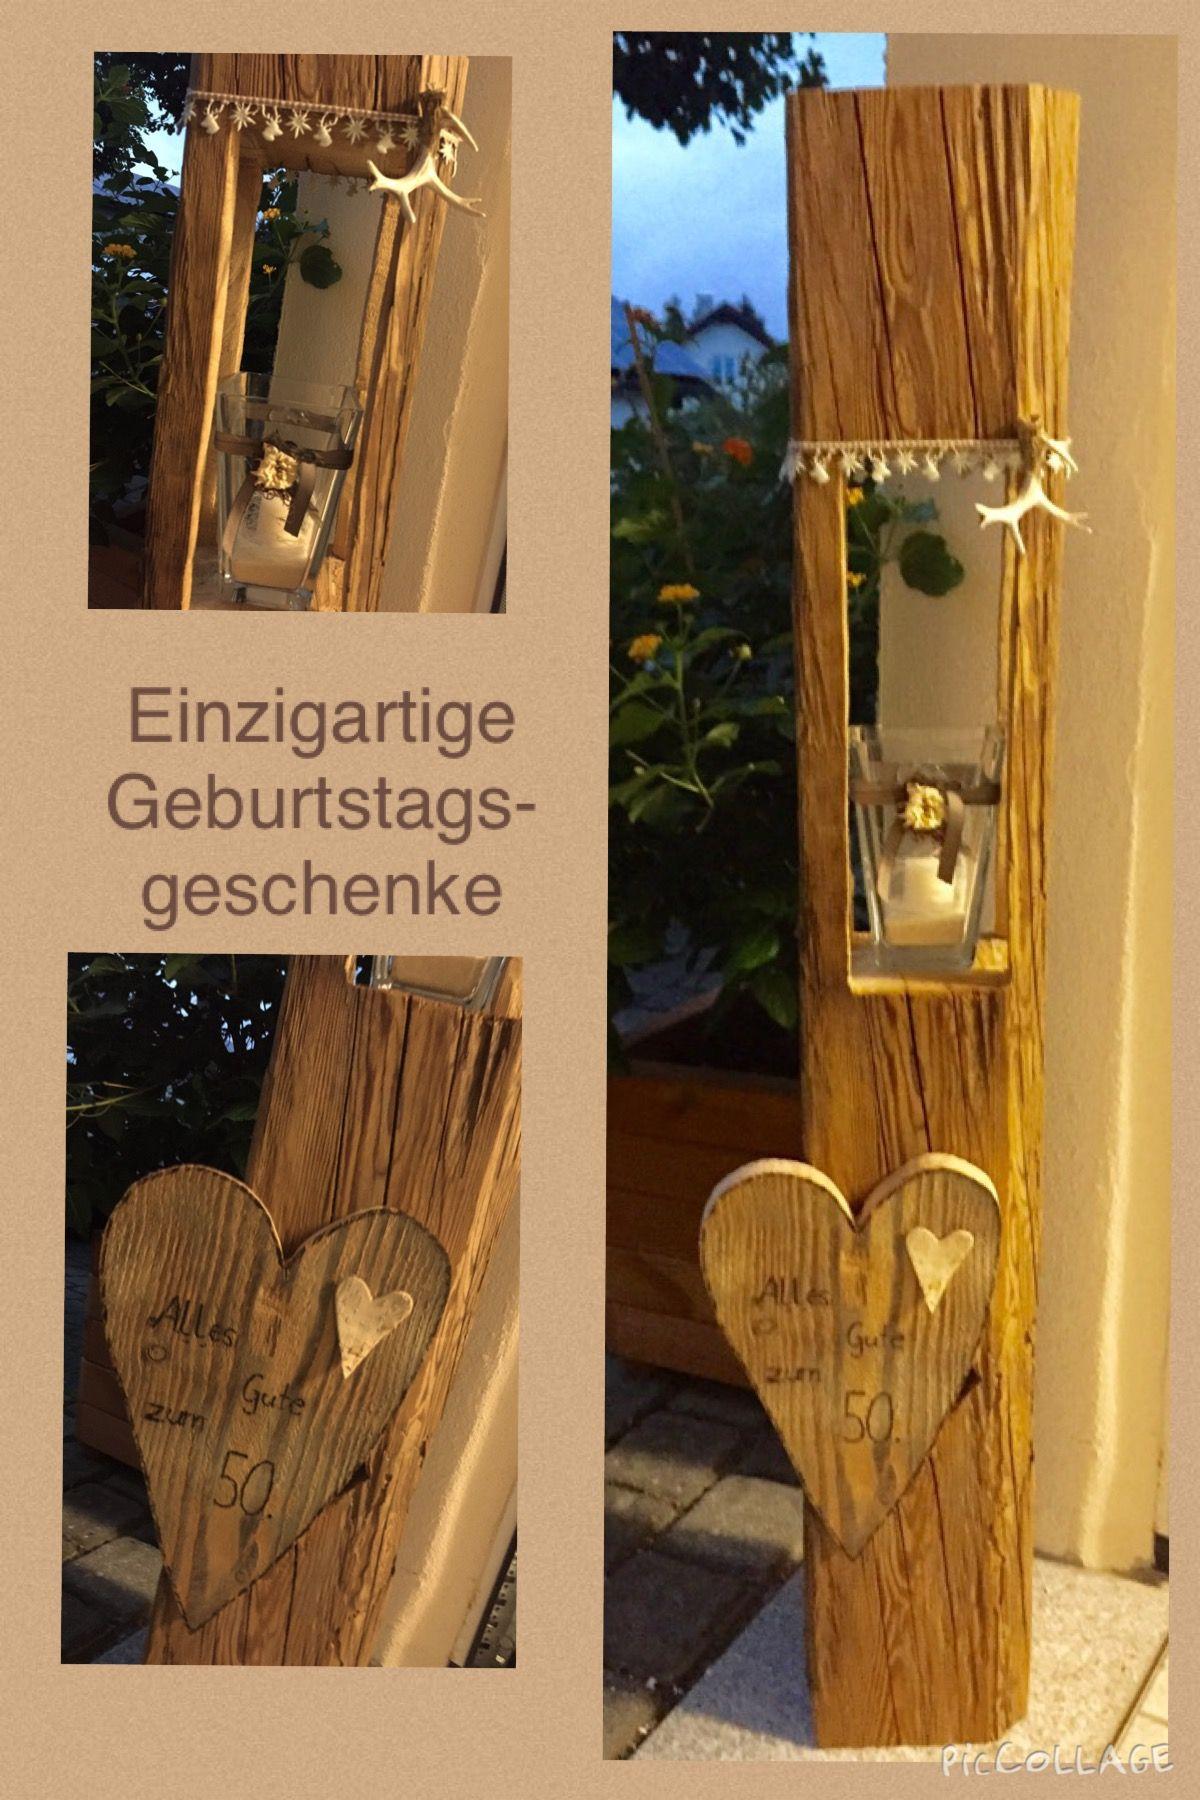 Holz Dekoration Selber Machen Frisch Einzigartige Geschenke